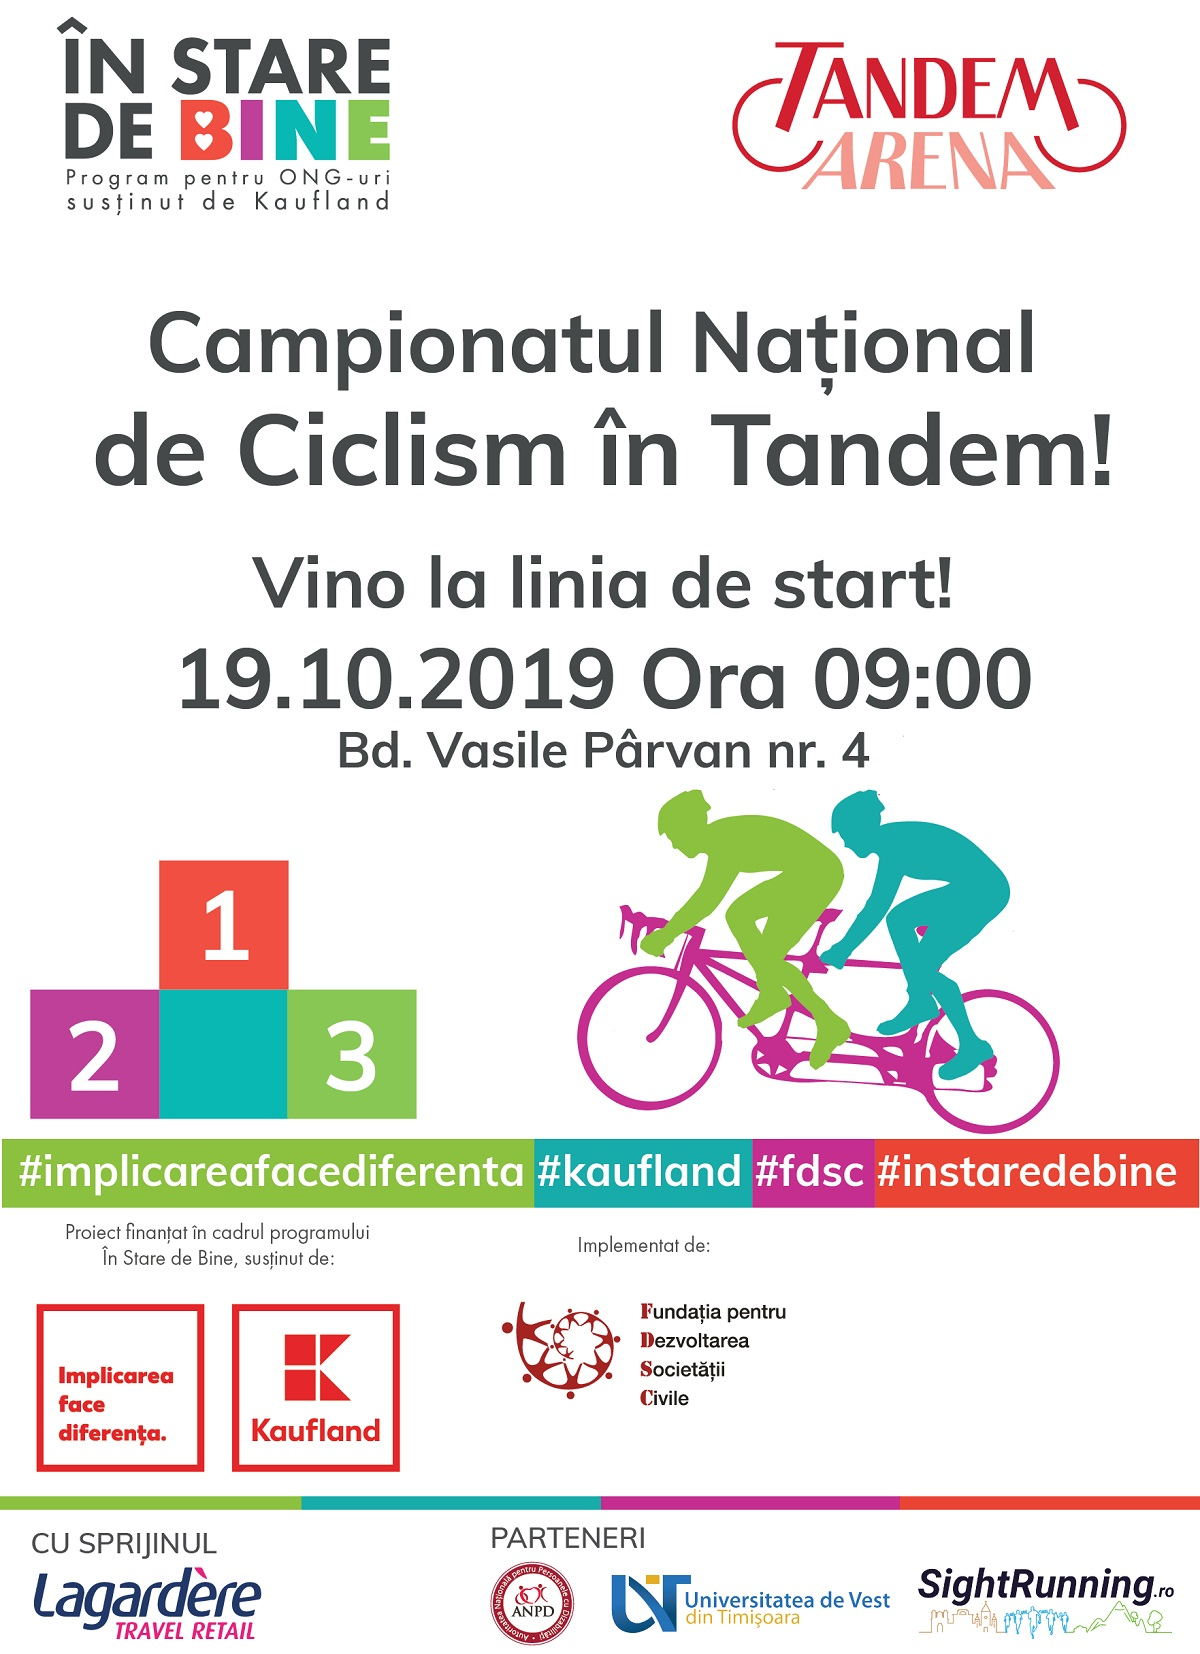 50 de echipaje în tandem participă la a patra ediție a Campionatului Național de Ciclism în Tandem